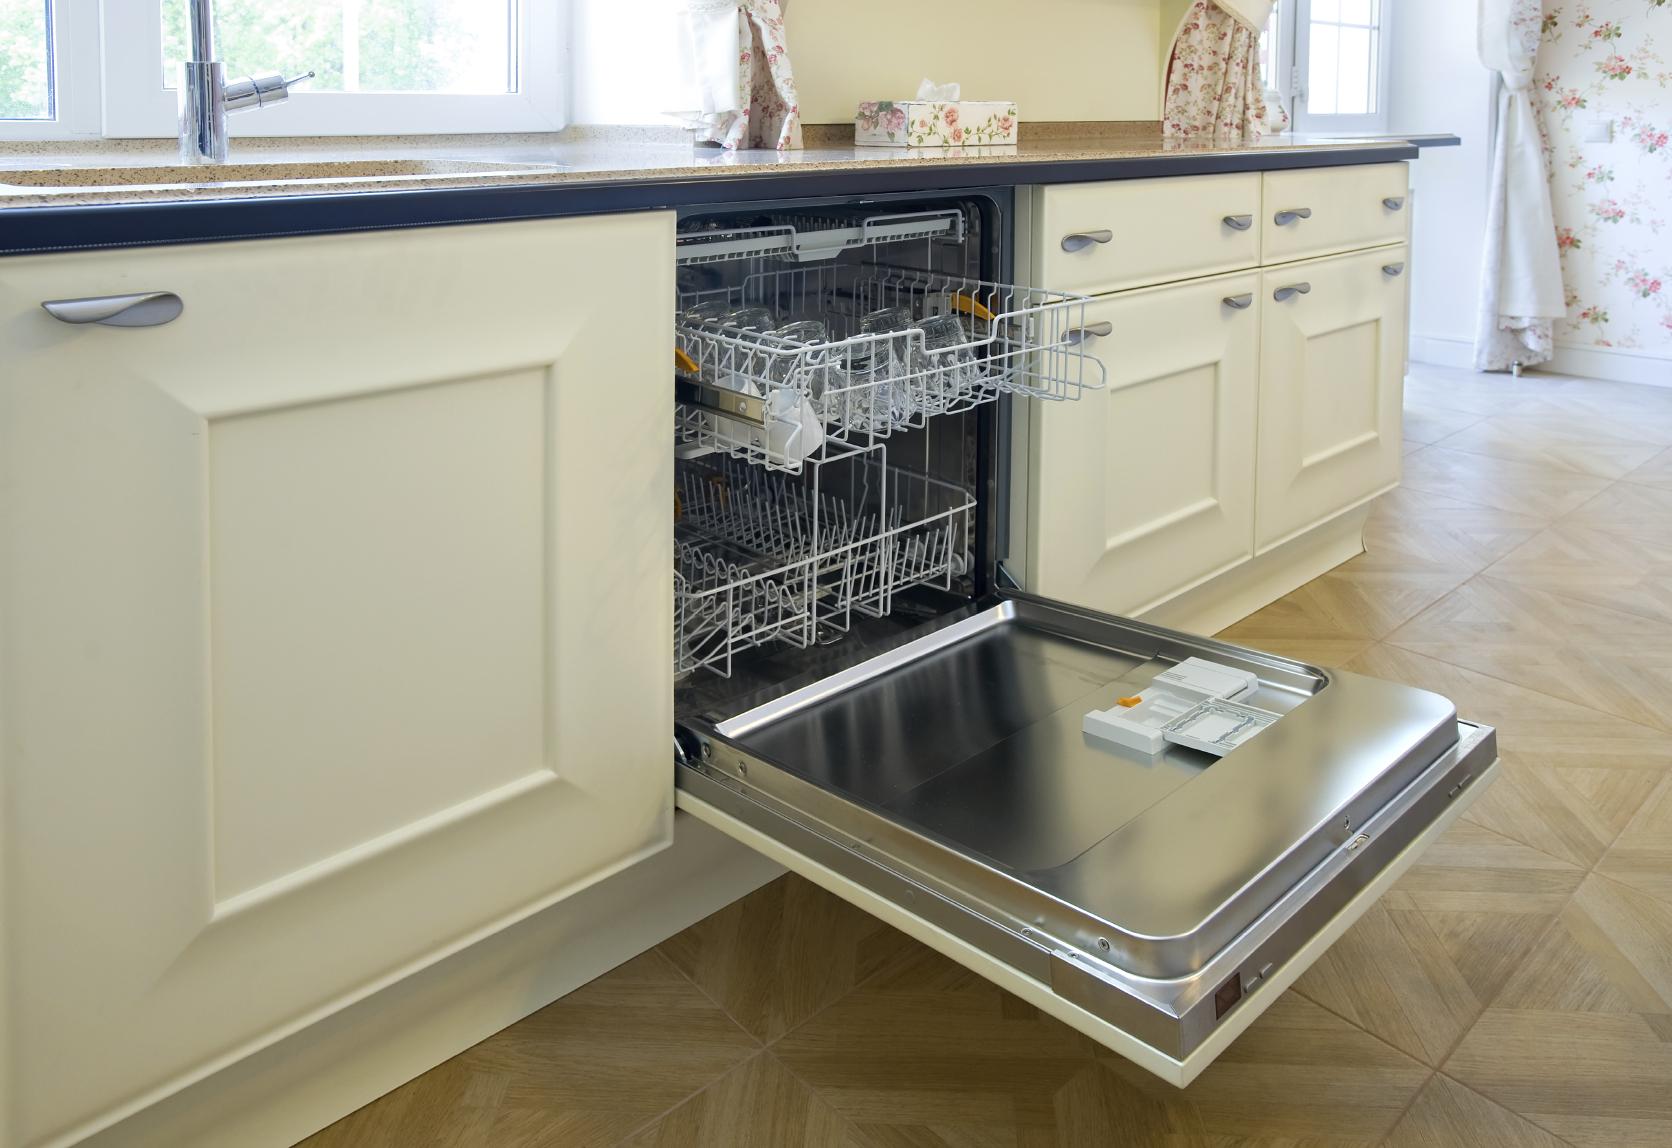 dishwashing machine